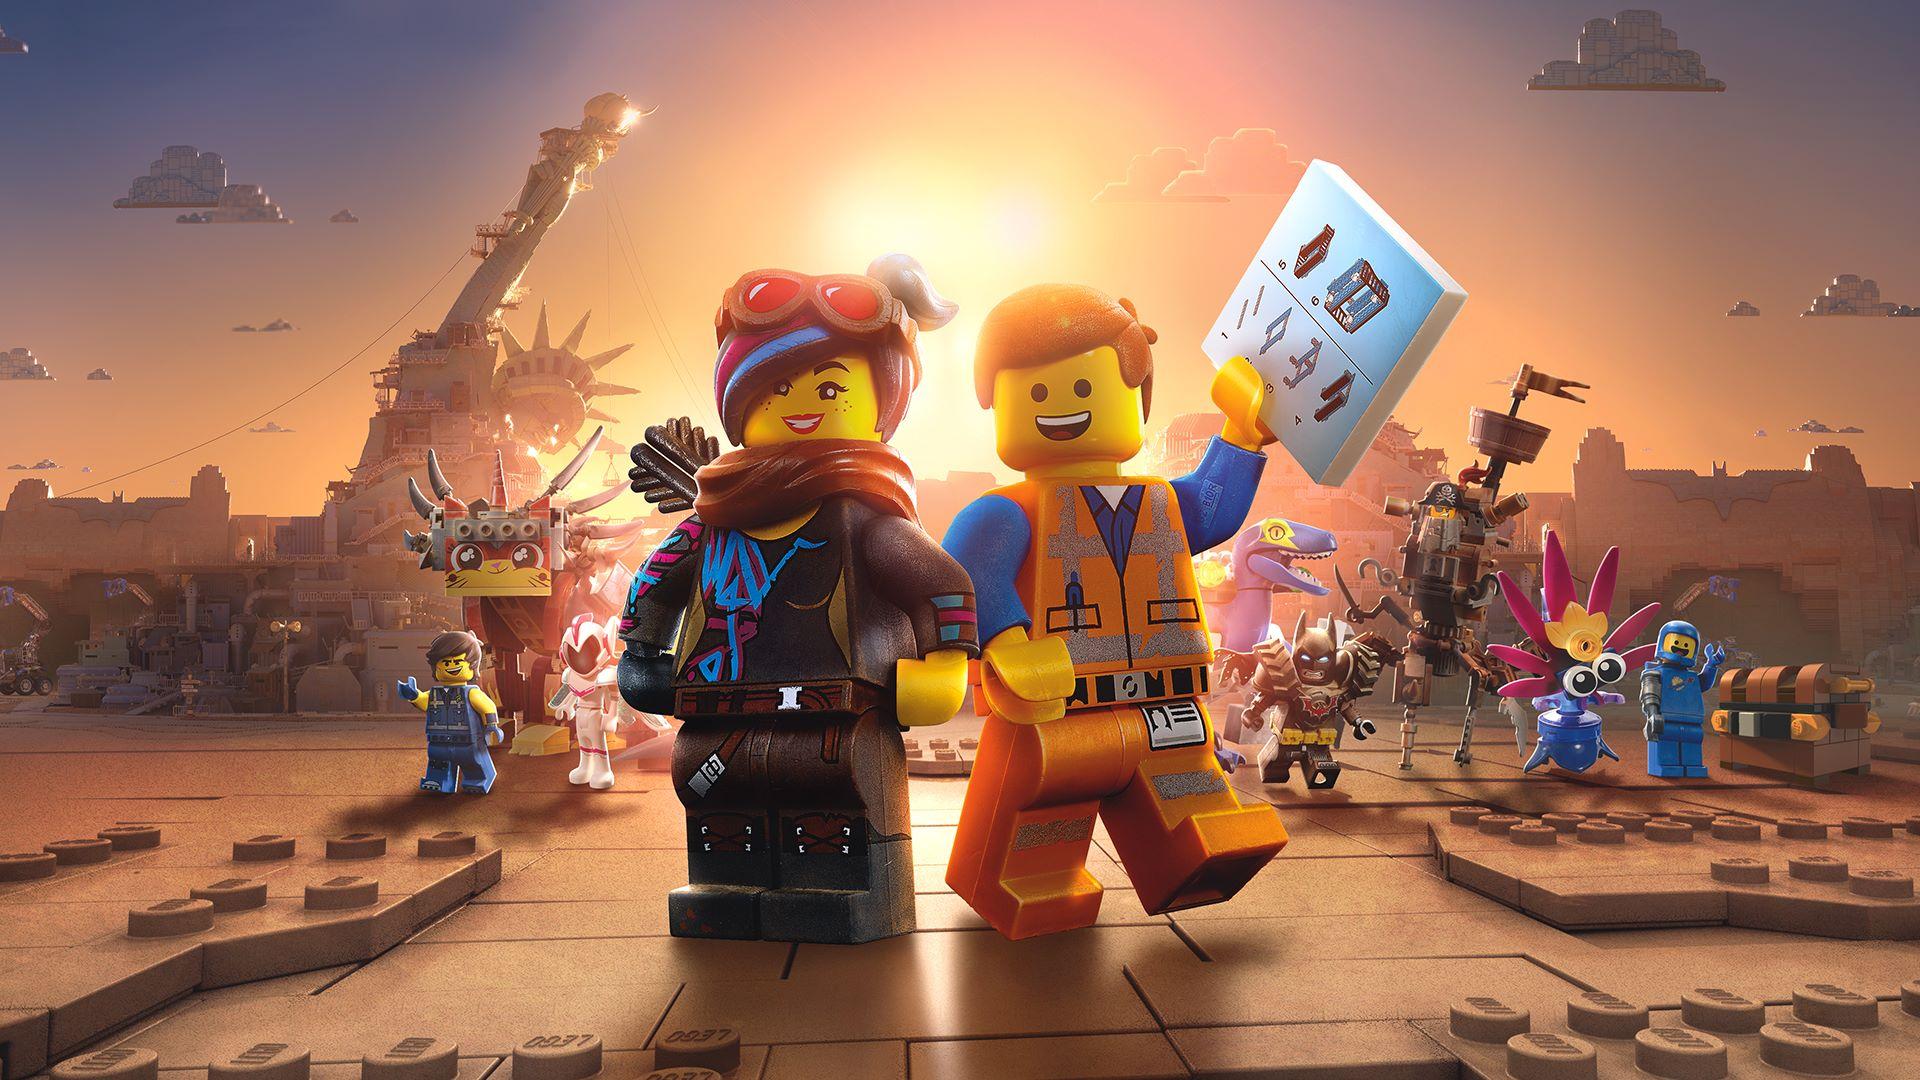 Lego Przygoda 2 Recenzja Filmu Geeklife